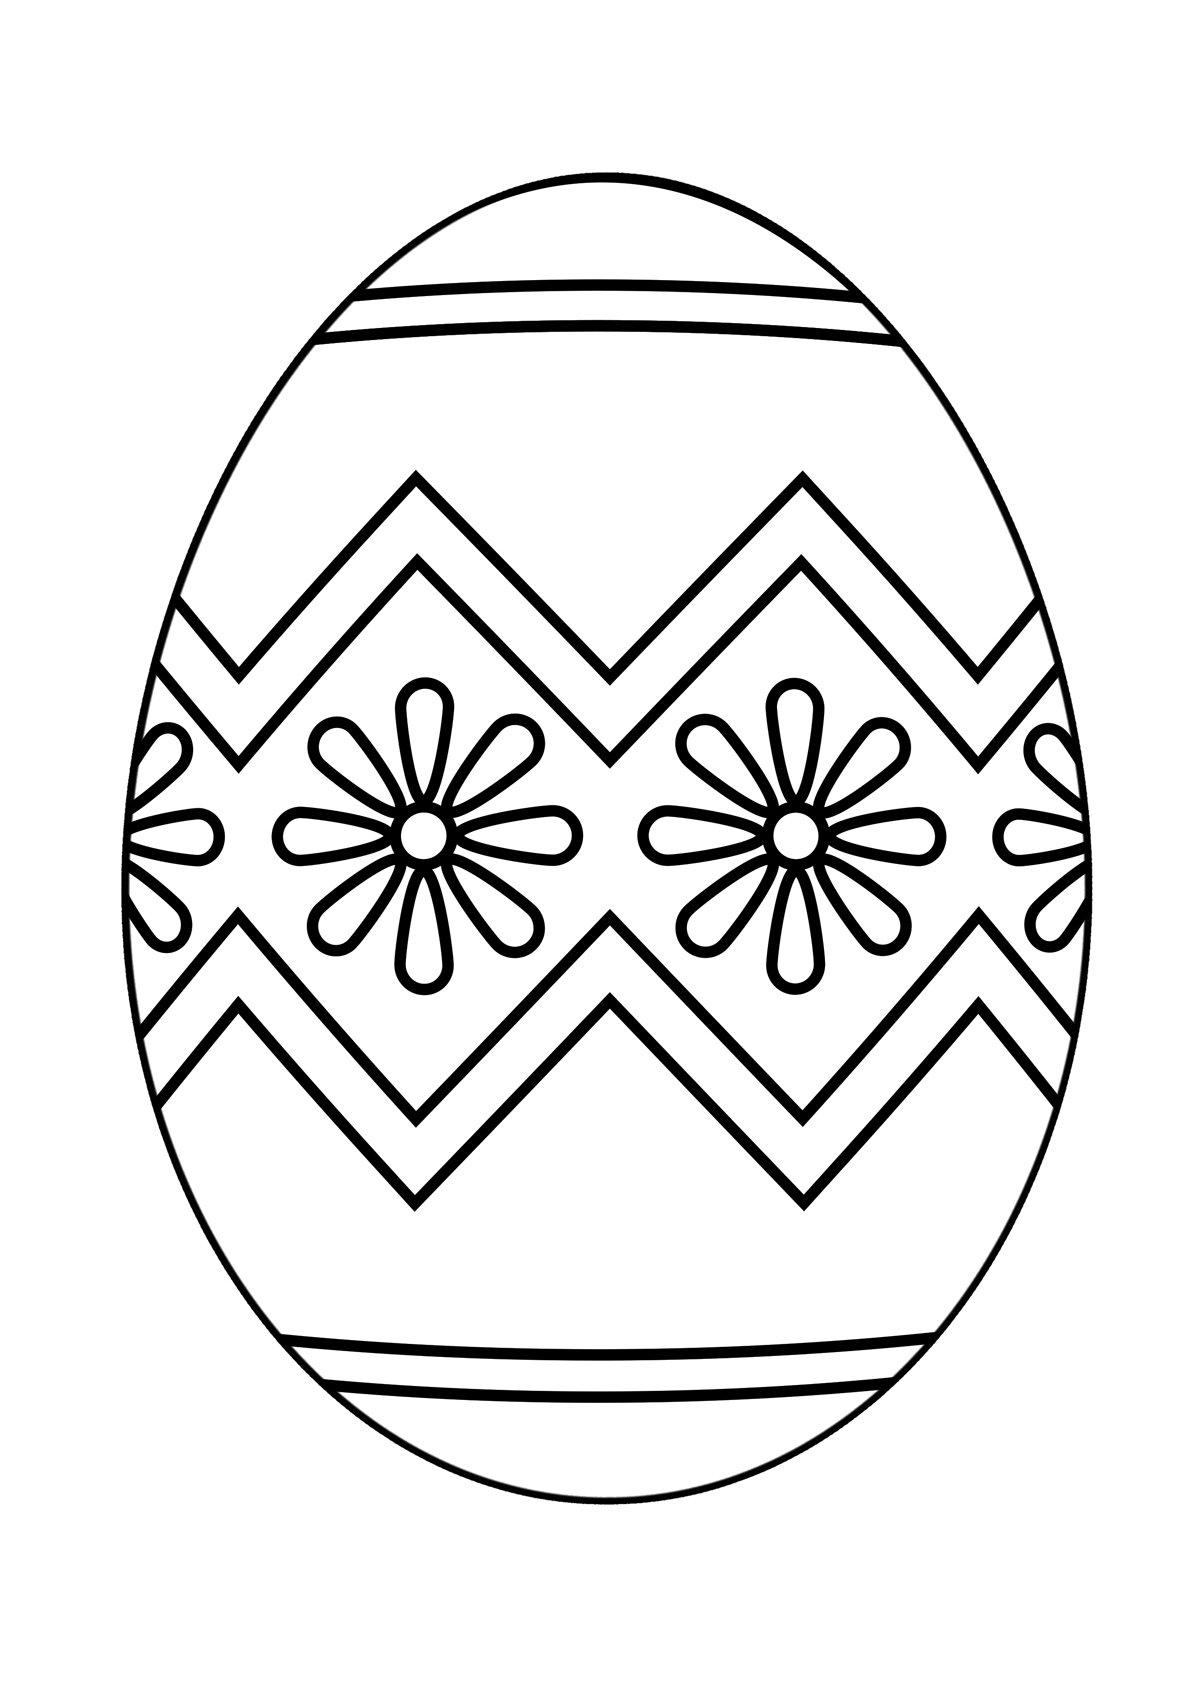 Раскраска пасхального яйца картинки